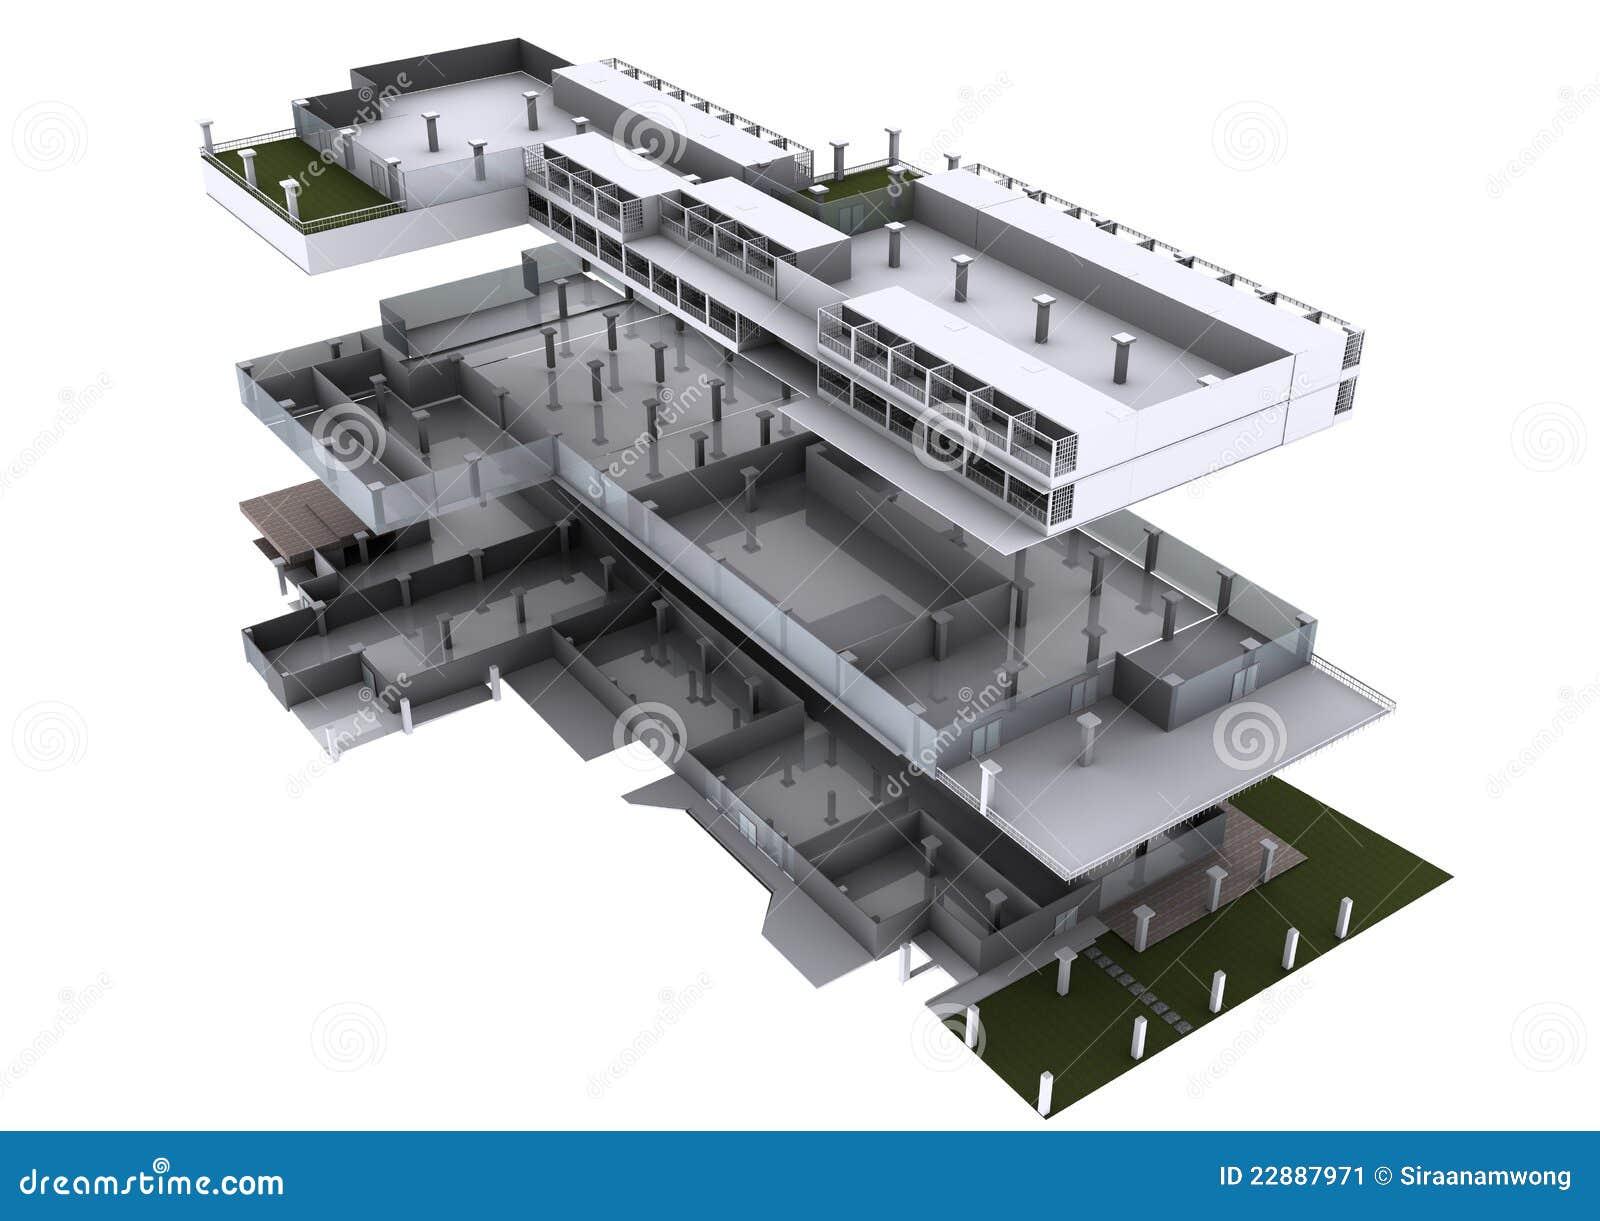 118 programmi architettura 3d aiuto tesi architettura ForProgrammi Architettura 3d